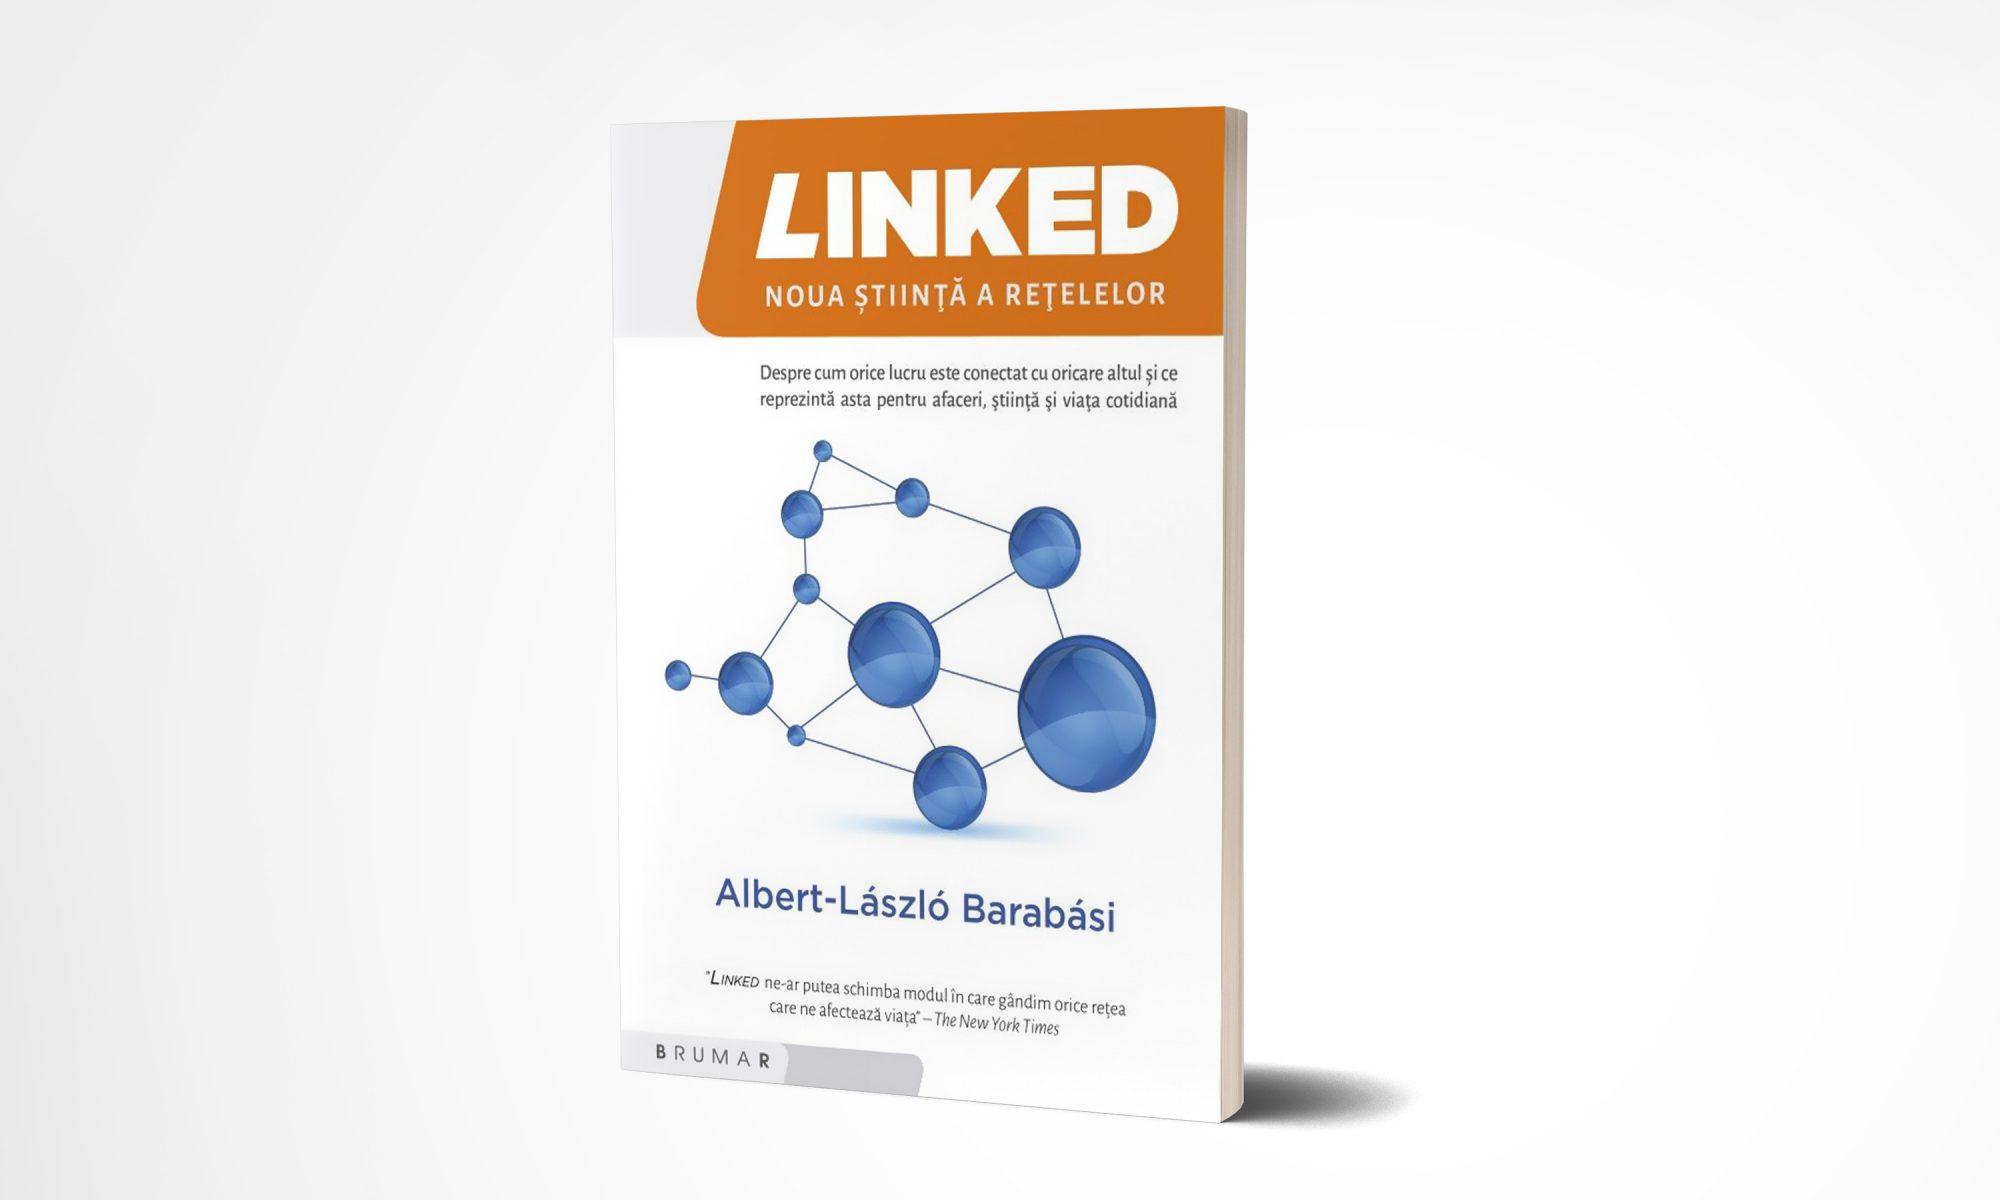 Linked_c1